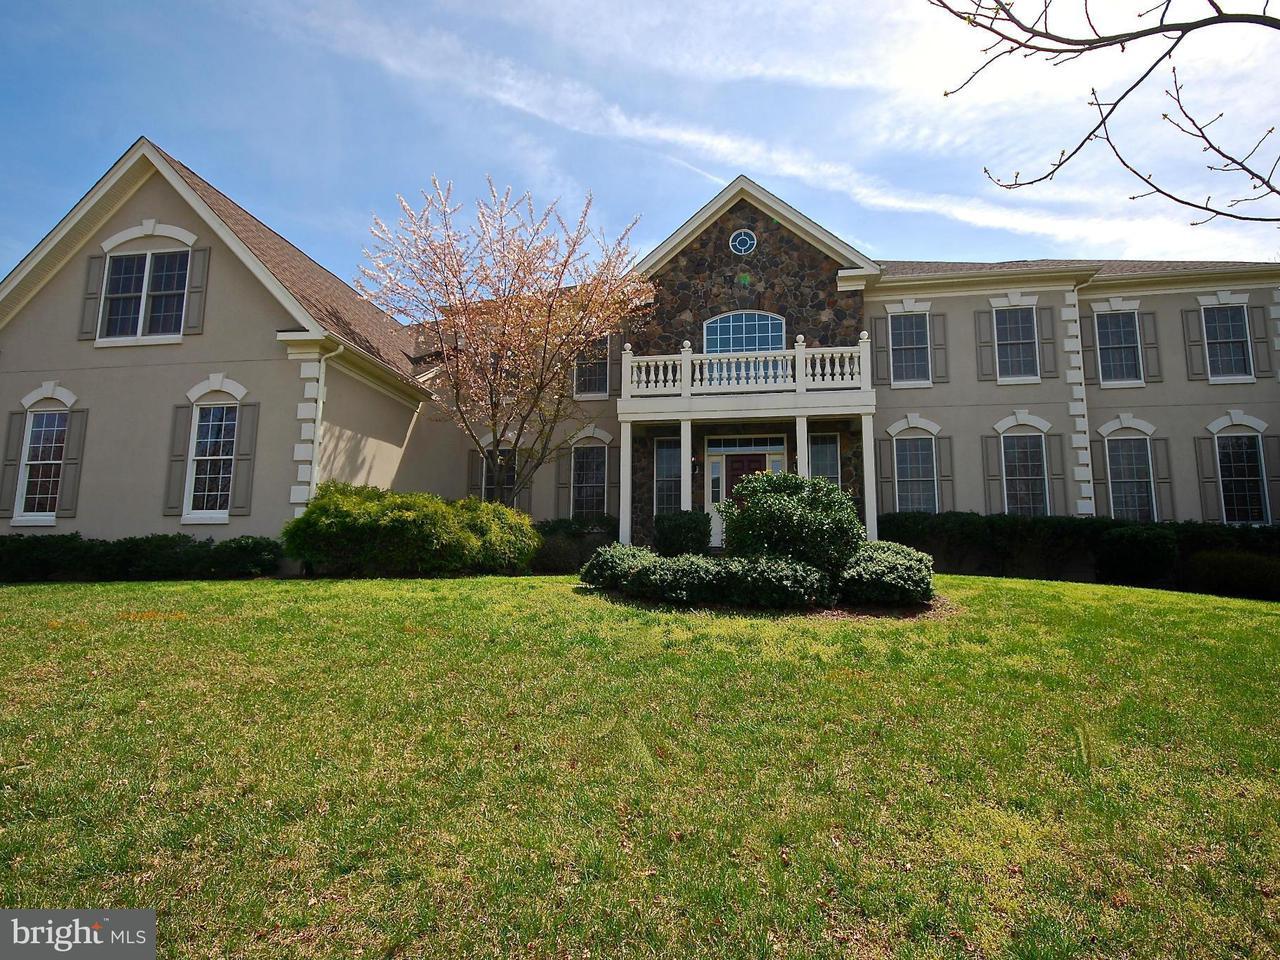 一戸建て のために 売買 アット 15077 Sawgrass Place 15077 Sawgrass Place Haymarket, バージニア 20169 アメリカ合衆国